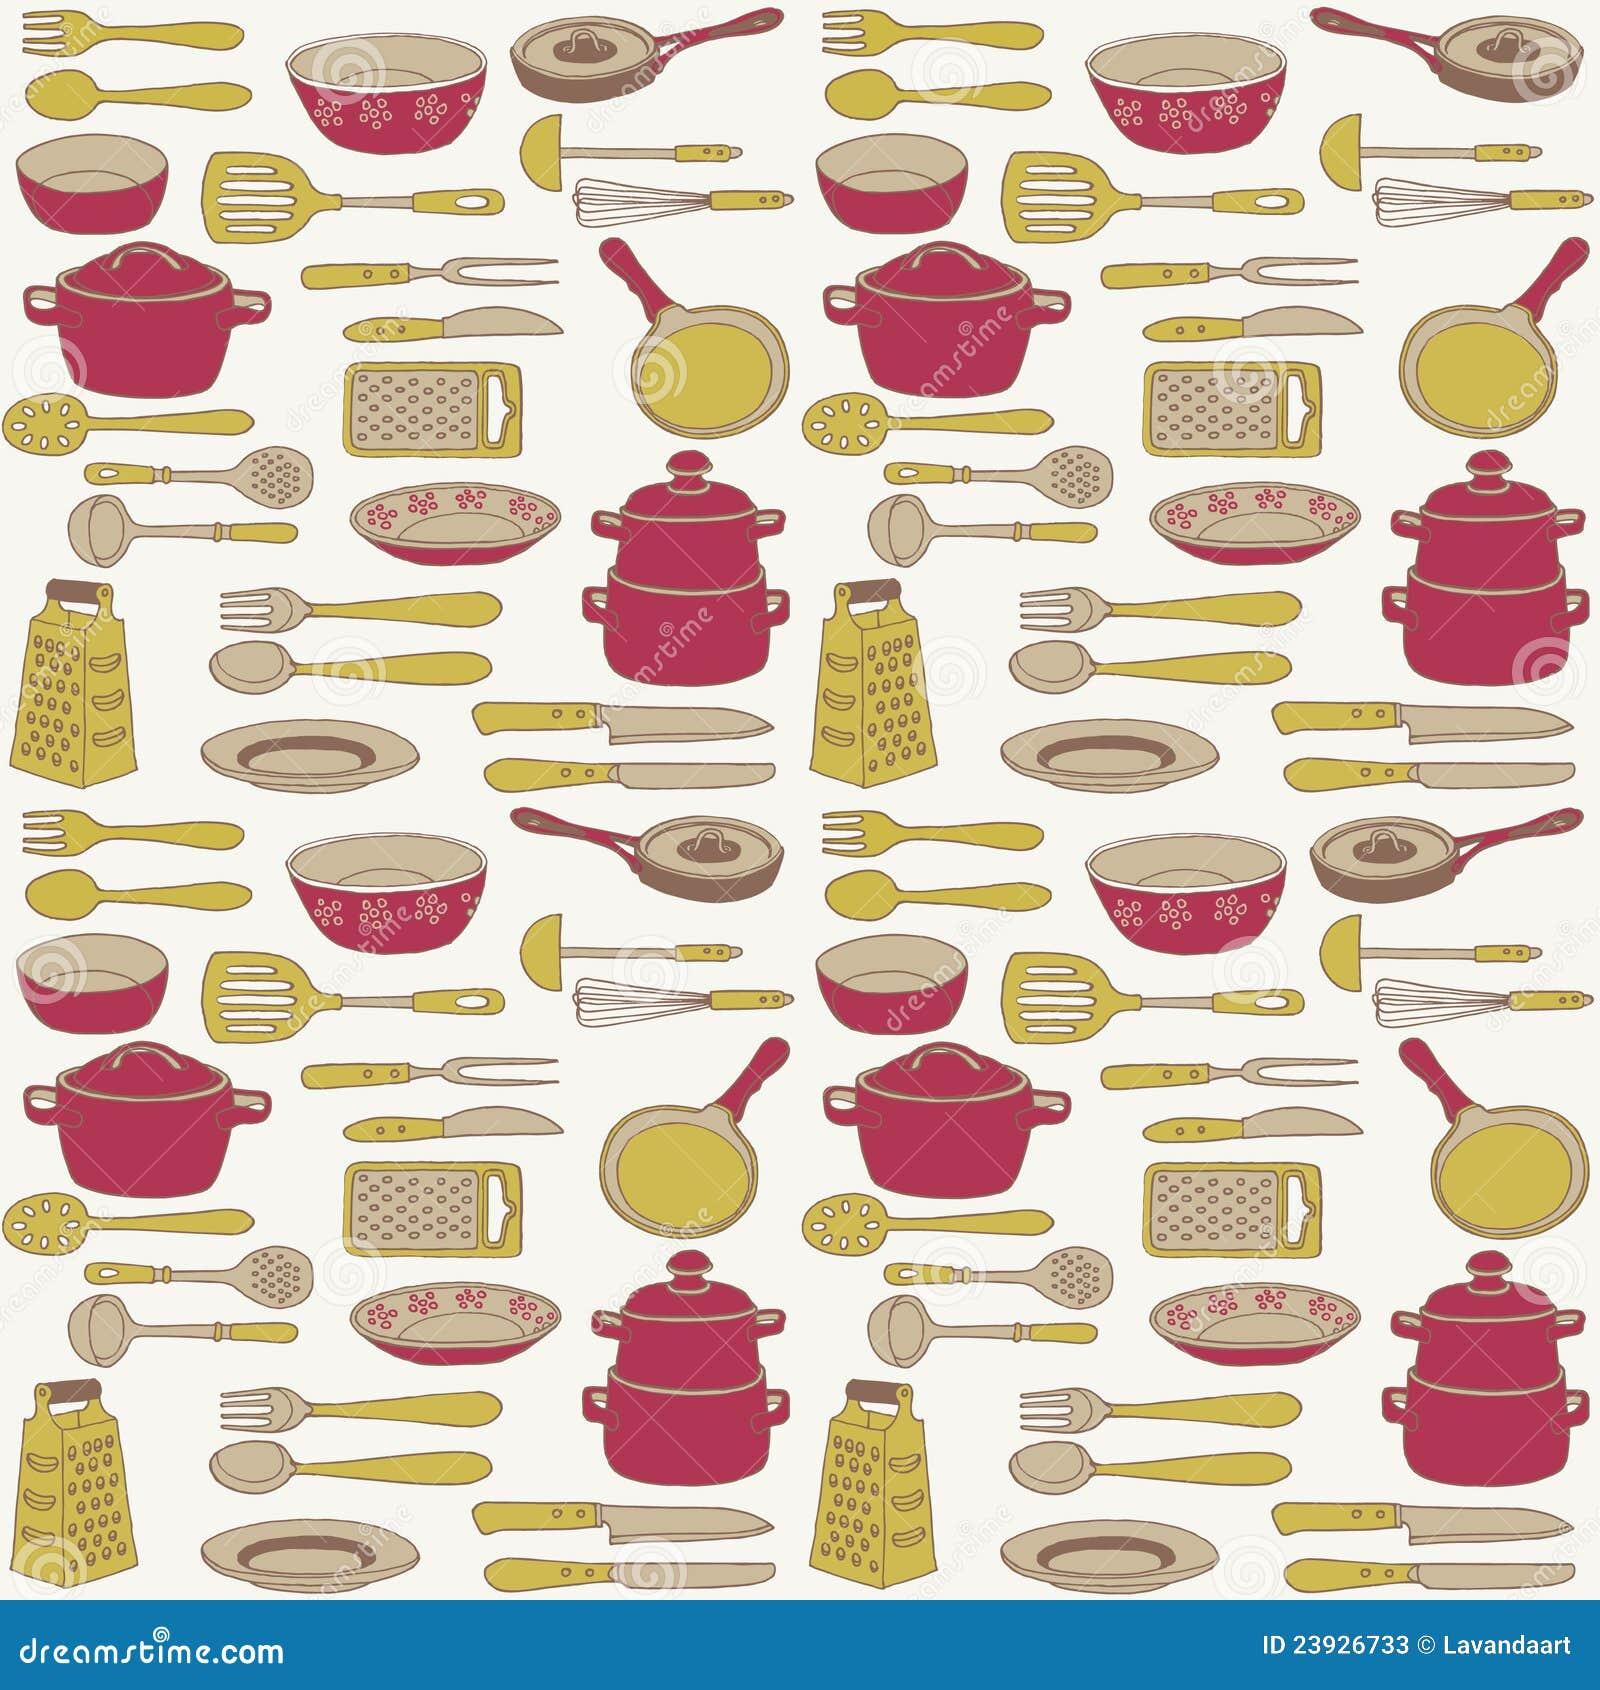 illustration des articles et des ustensiles de cuisine photos